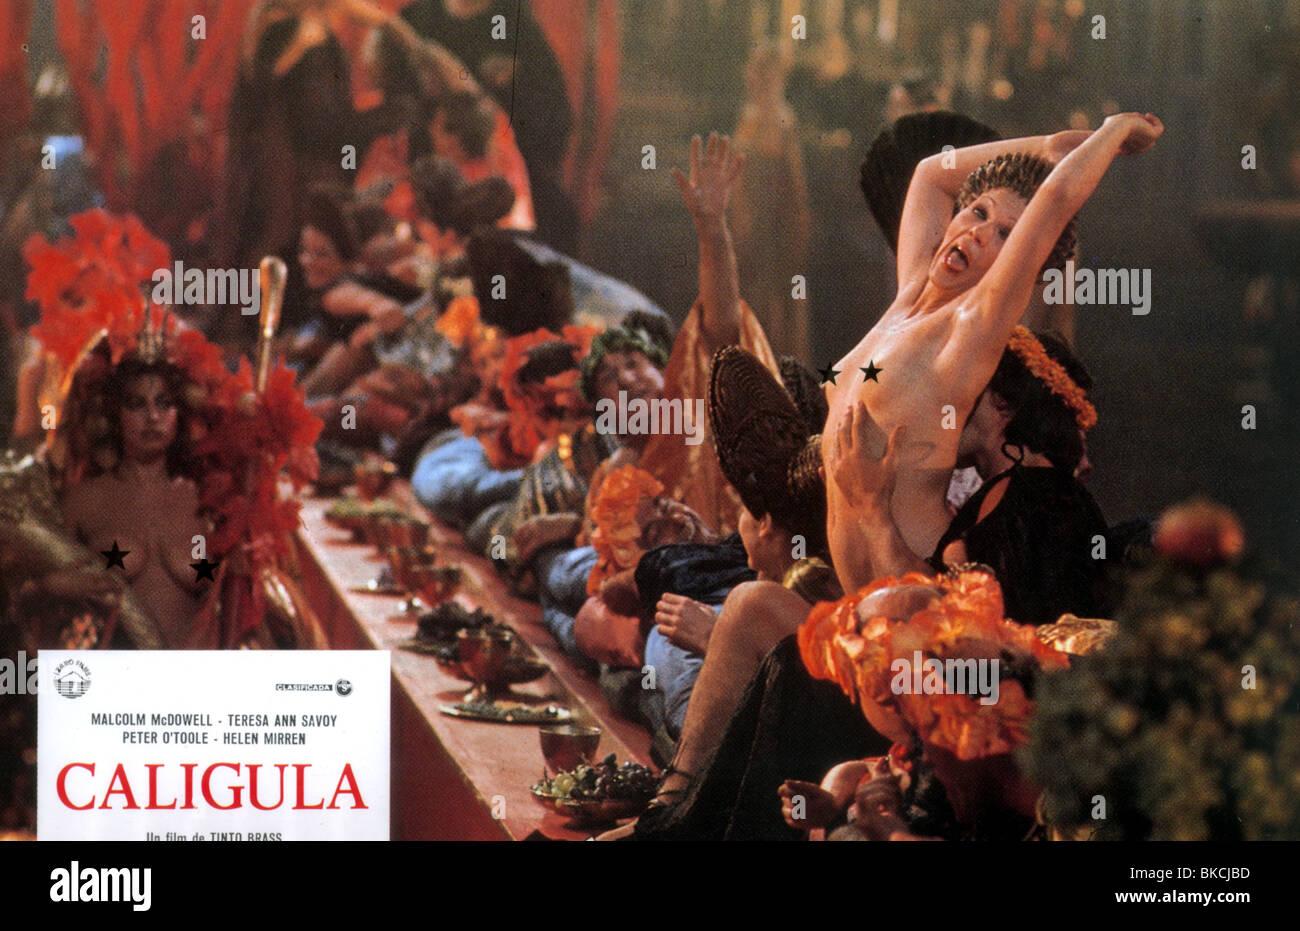 Caligula movie free download full movie